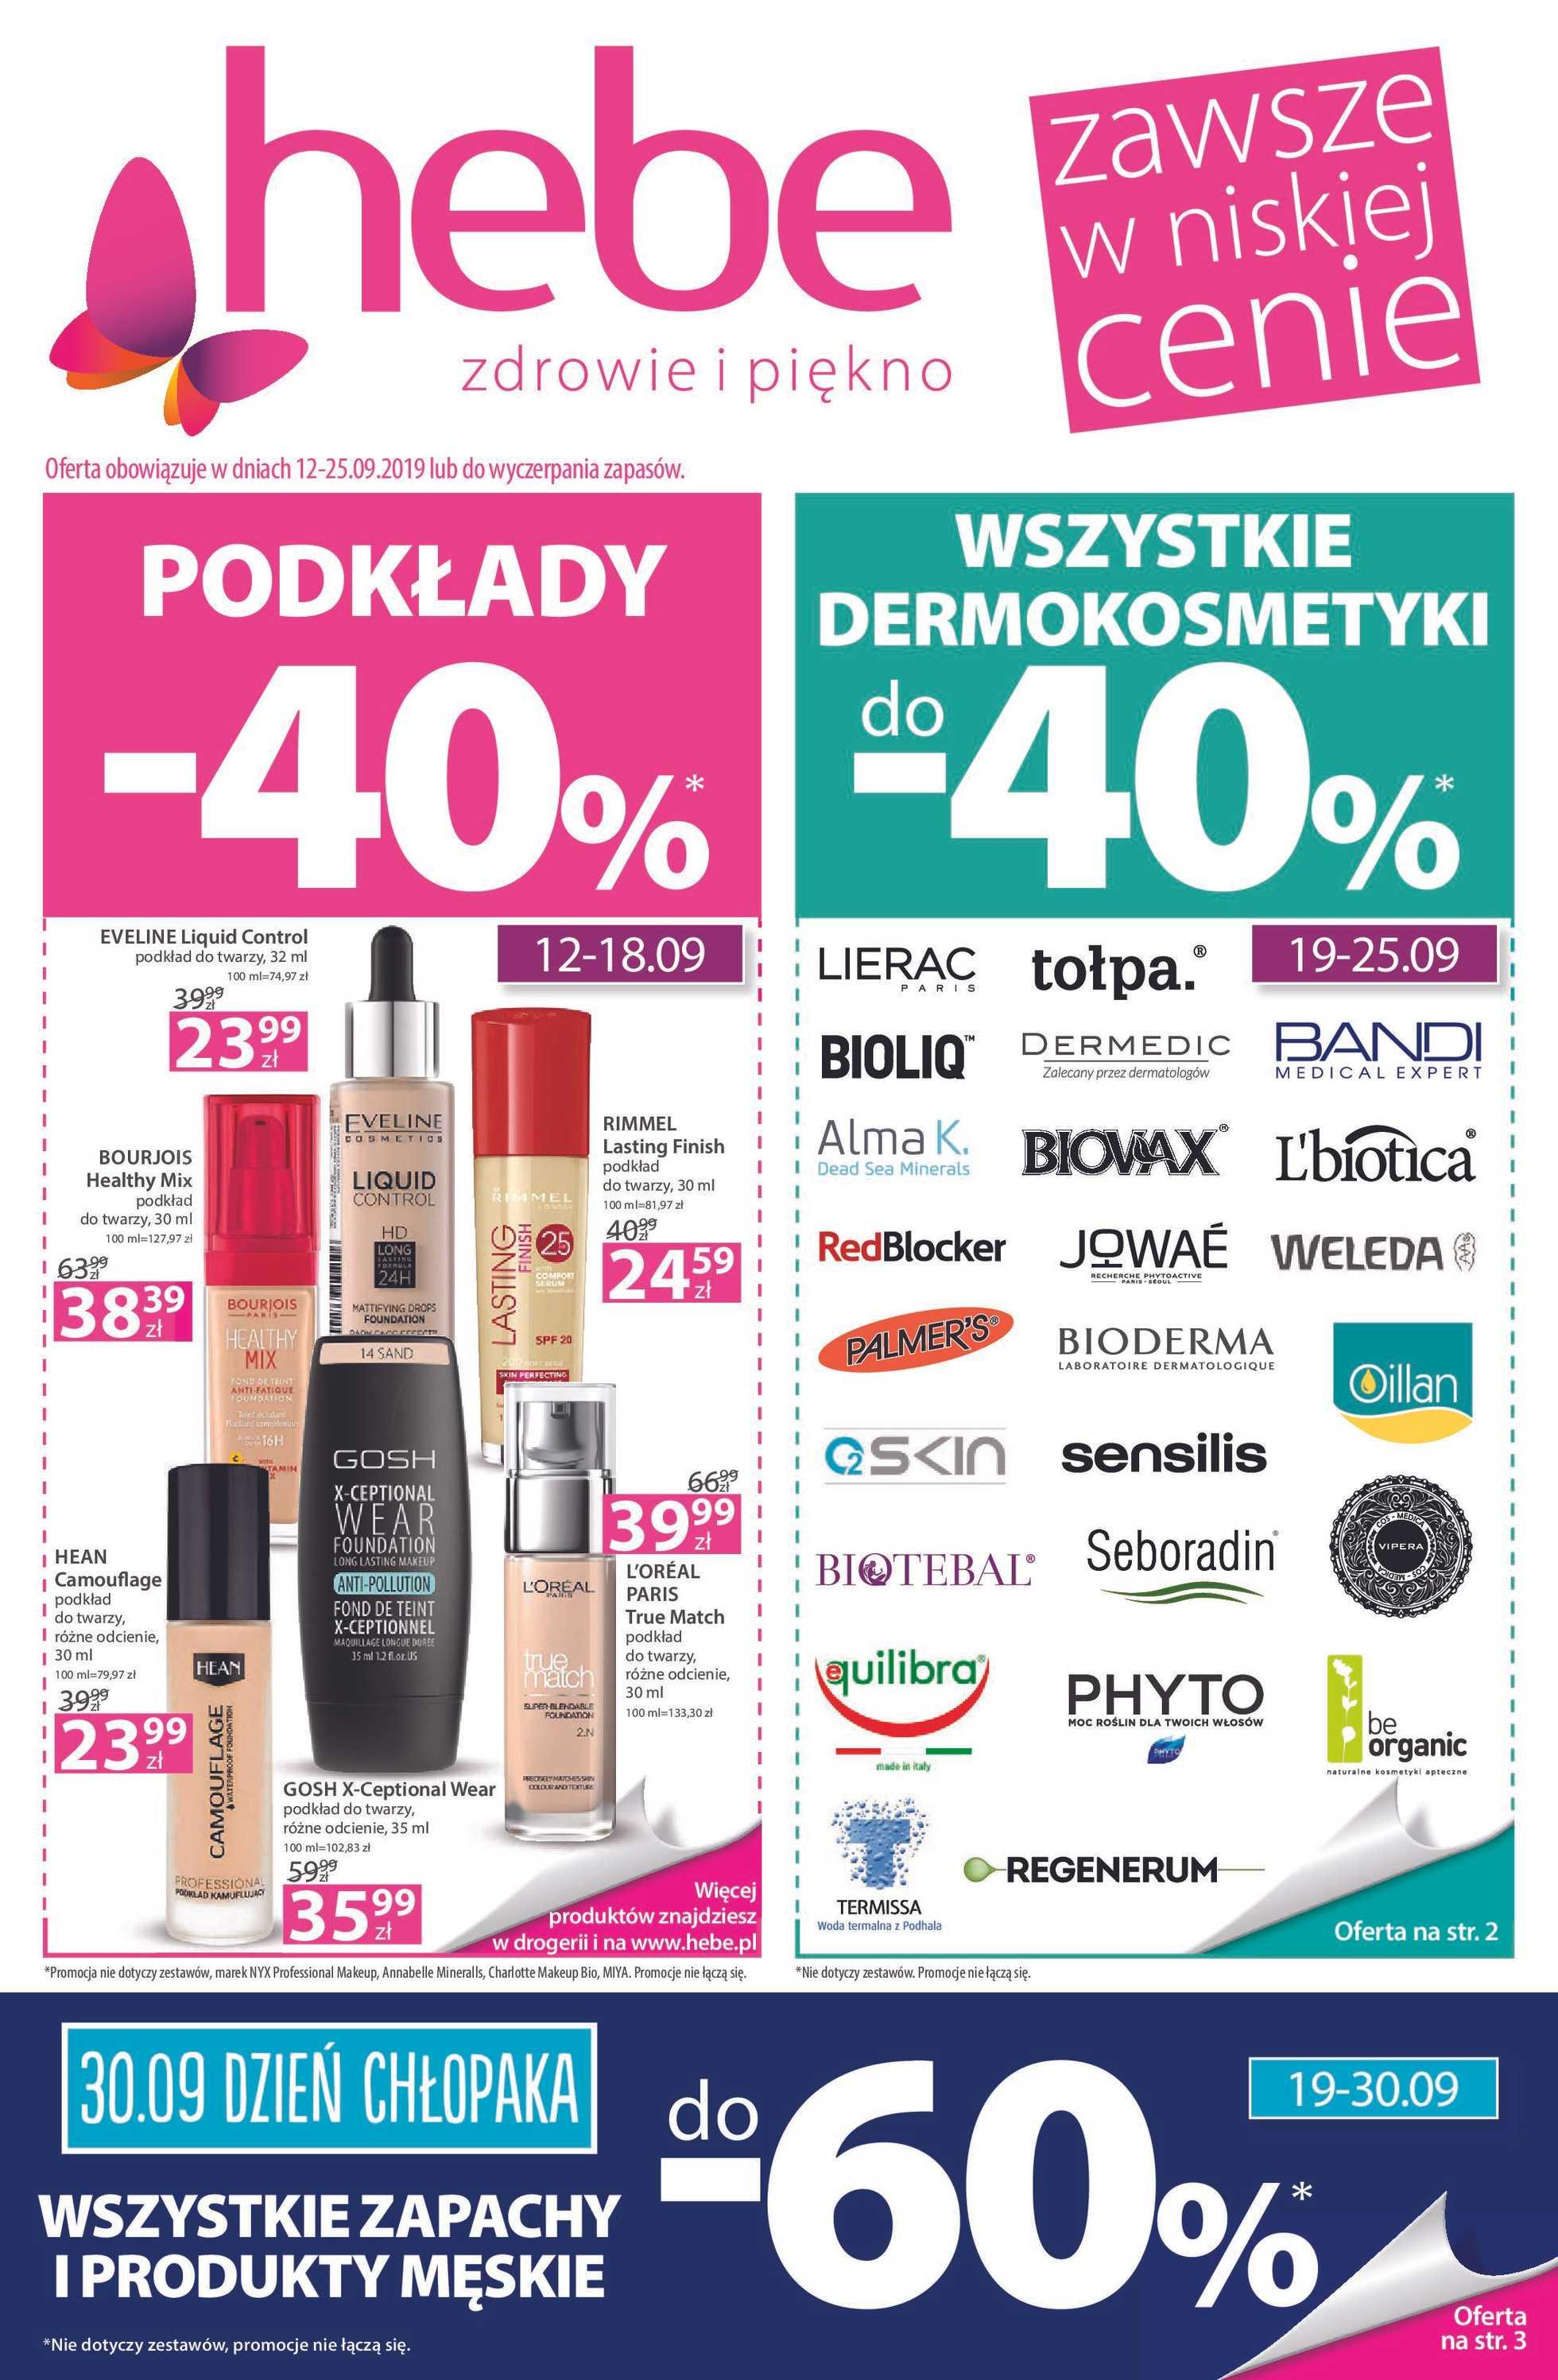 Hebe - gazetka promocyjna ważna od 12.09.2019 do 25.09.2019 - strona 1.